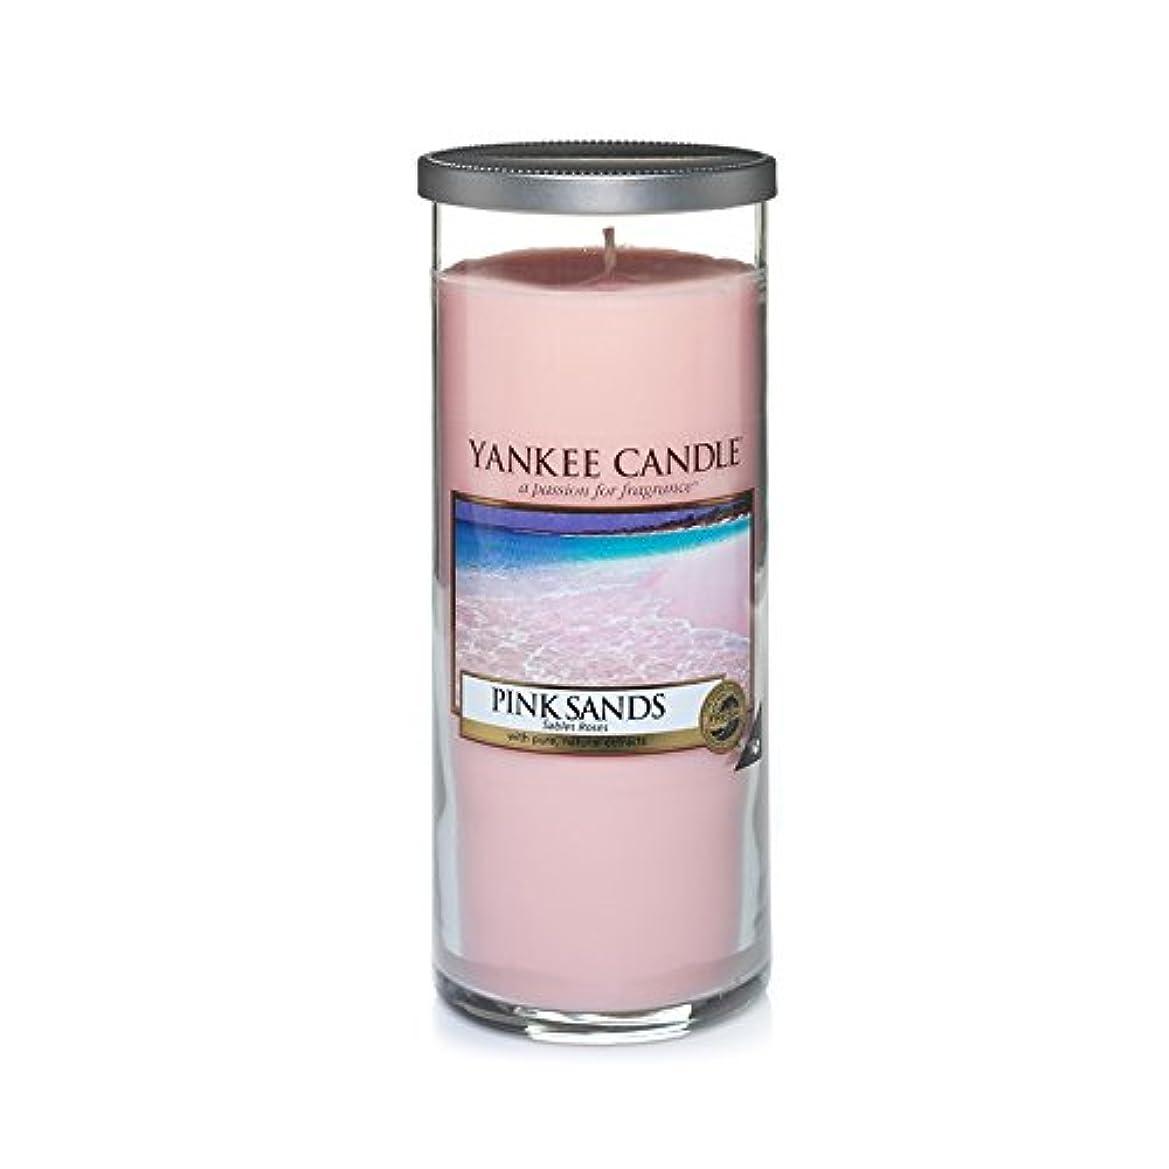 つま先進化五十Yankee Candles Large Pillar Candle - Pink Sands? (Pack of 2) - ヤンキーキャンドル大きな柱キャンドル - ピンクの砂? (x2) [並行輸入品]